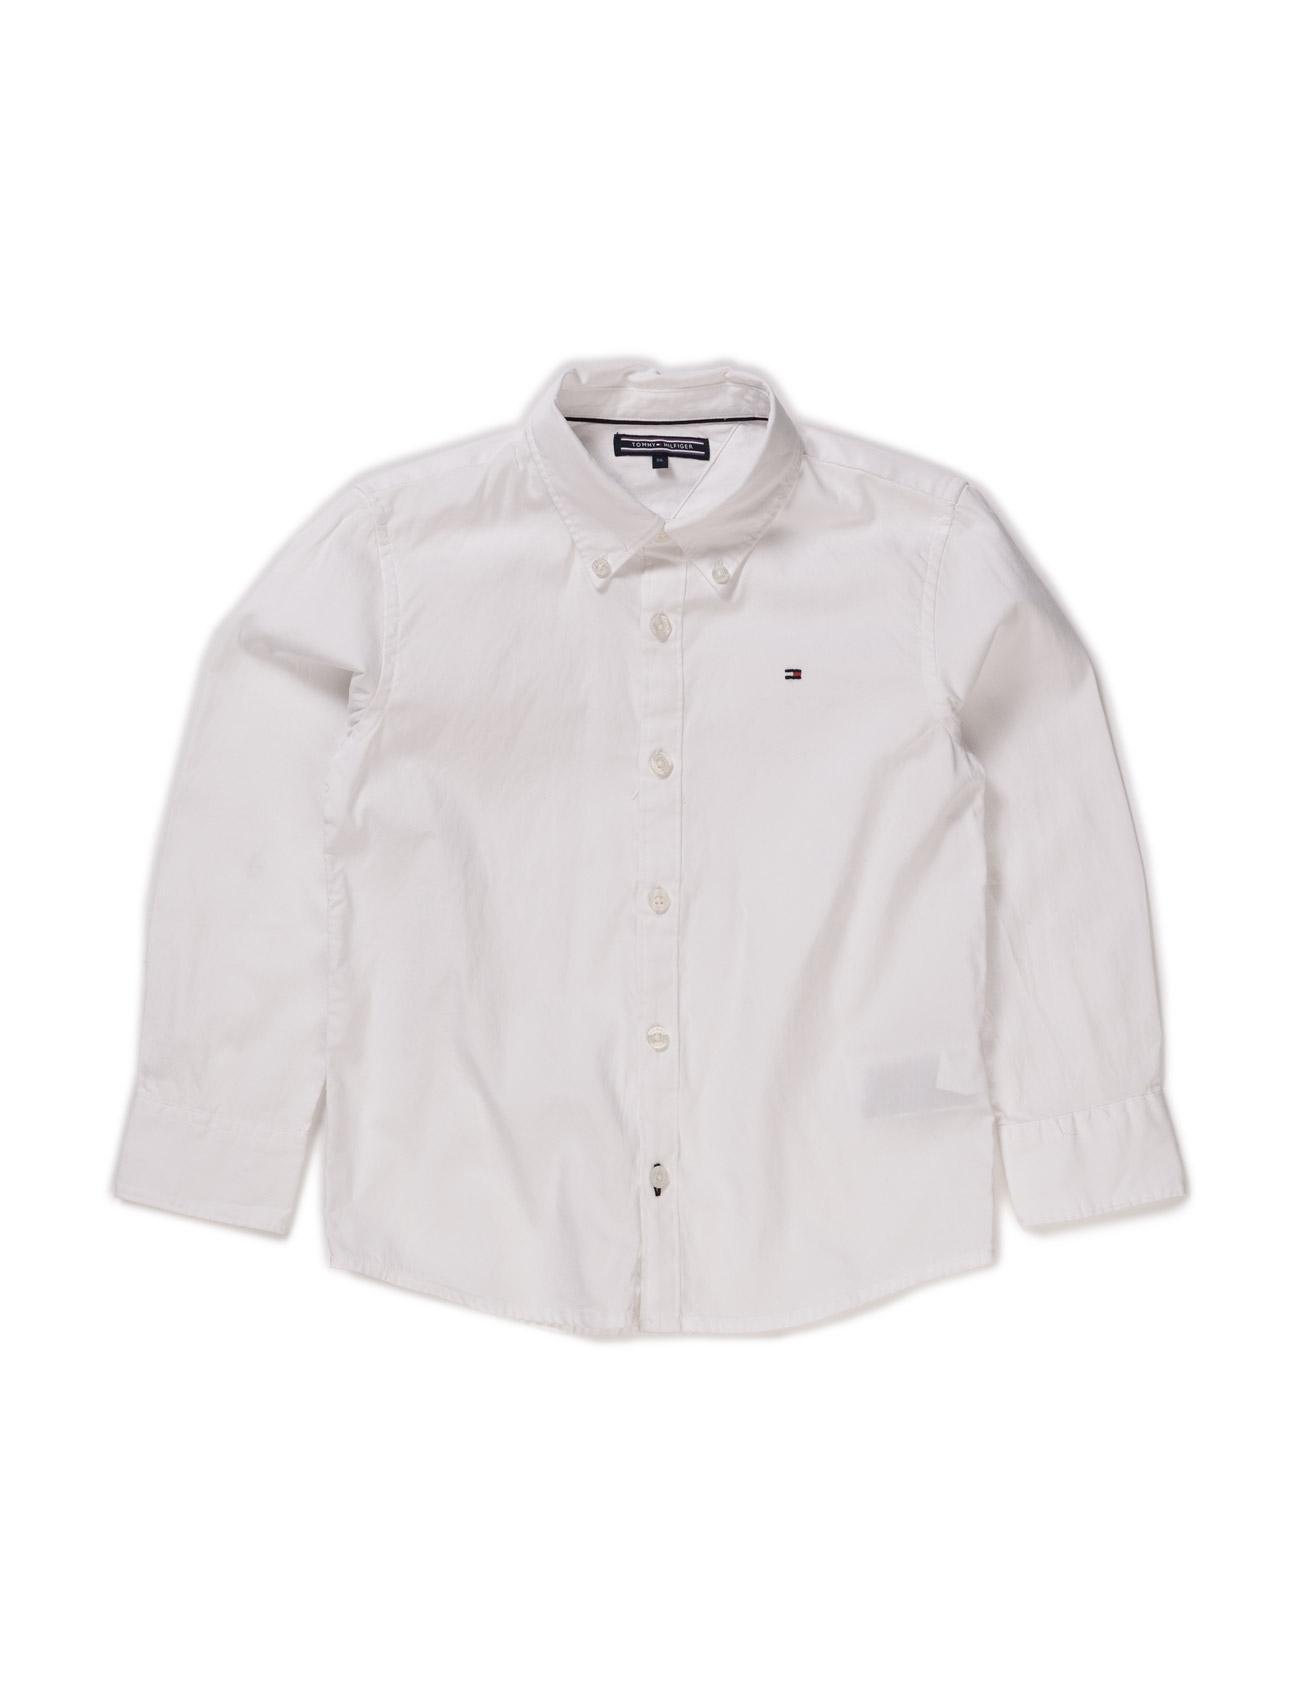 Solid Oxford Shirt L/S. Tommy Hilfiger Trøjer til Drenge i